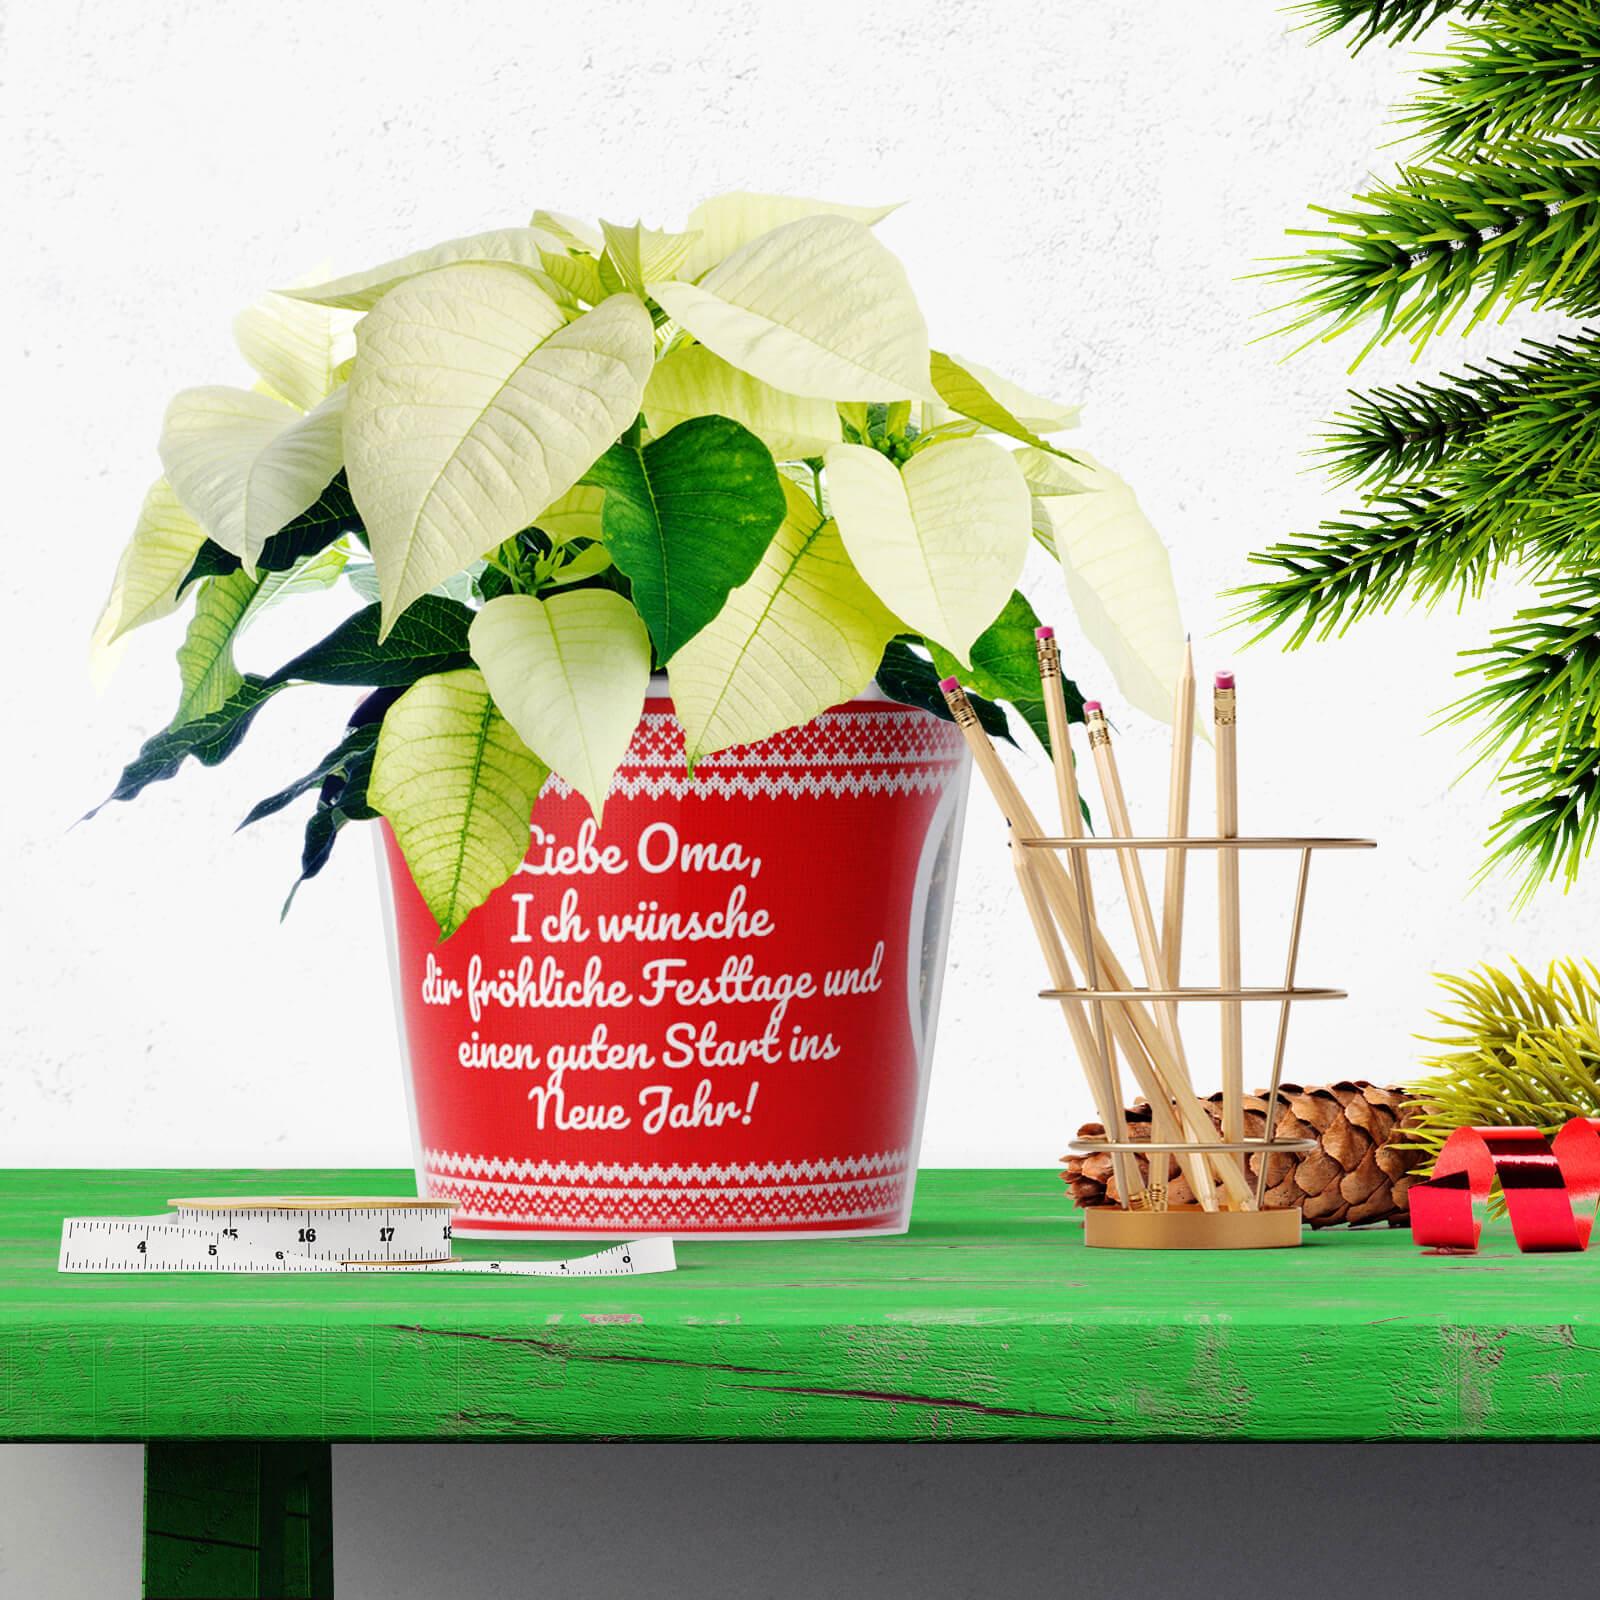 Weihnachtsgrüsse Geschenk Blumentopf